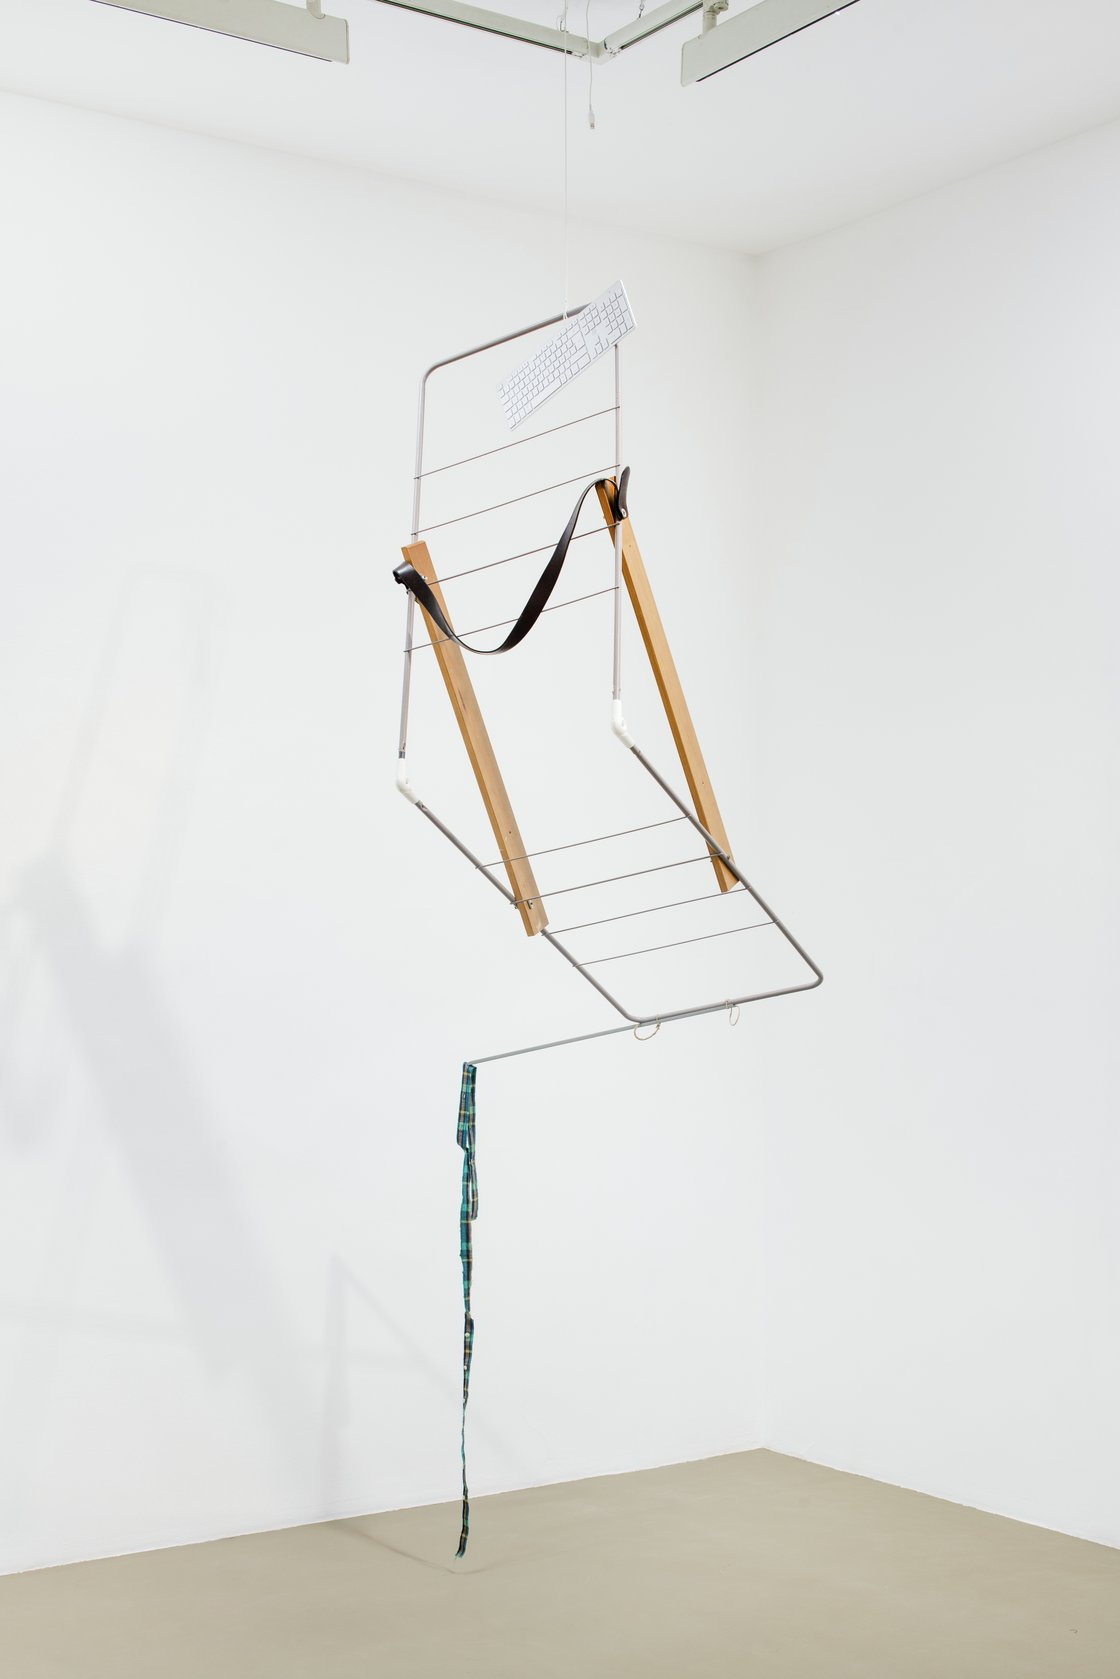 Abraham Cruzvillegas, Untitled portable sculpture (La Señora de Las Nueces) 6, 2020-2021